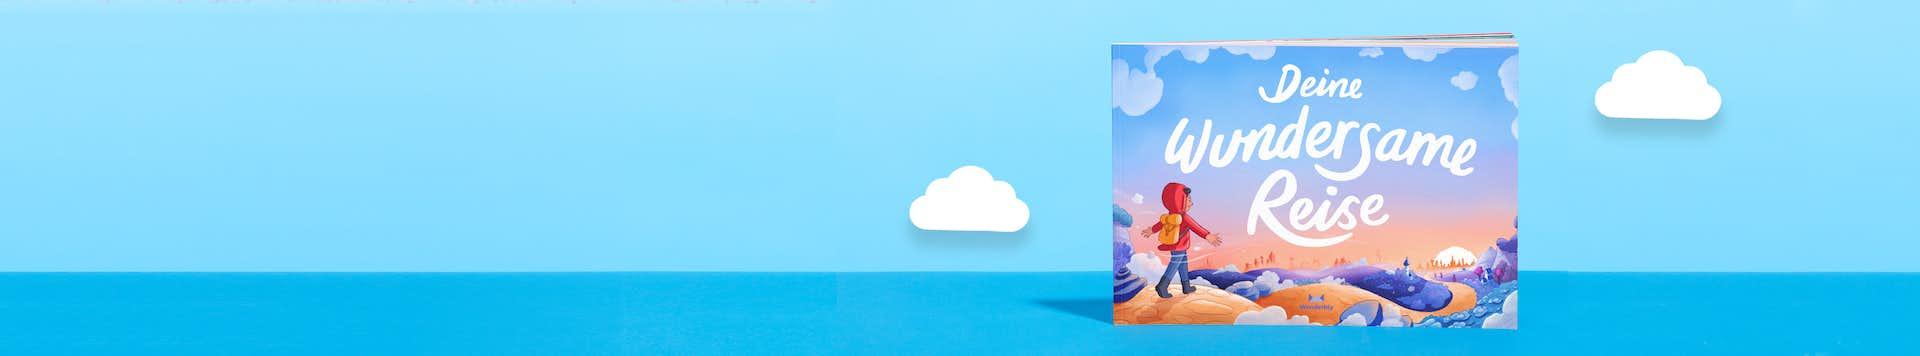 Product Page - Wondrous Road Ahead DE ; Testimonial Desktop